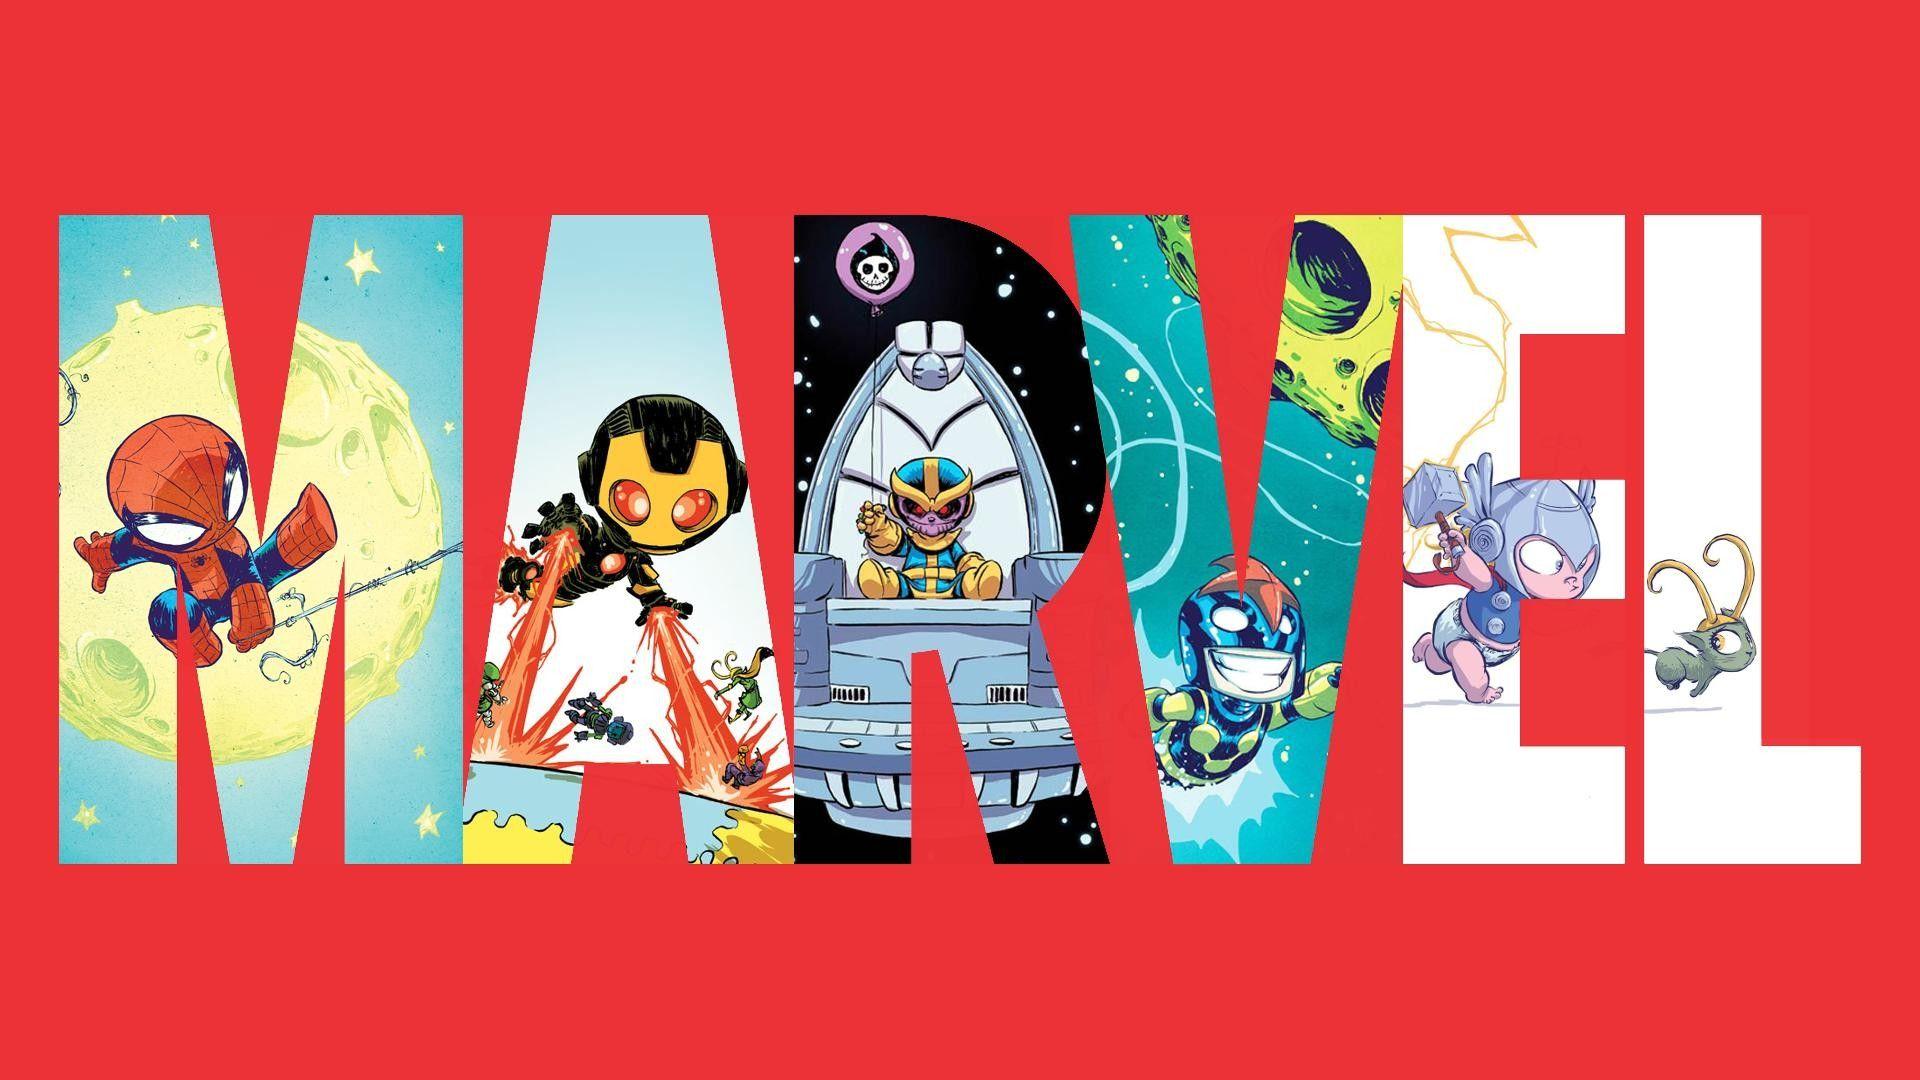 1096930 Marvel Wallpaper 1920x1080 For Windows 10 Jpg 1 920 1 080 Pixels Avengers Wallpaper Marvel Background Marvel Wallpaper